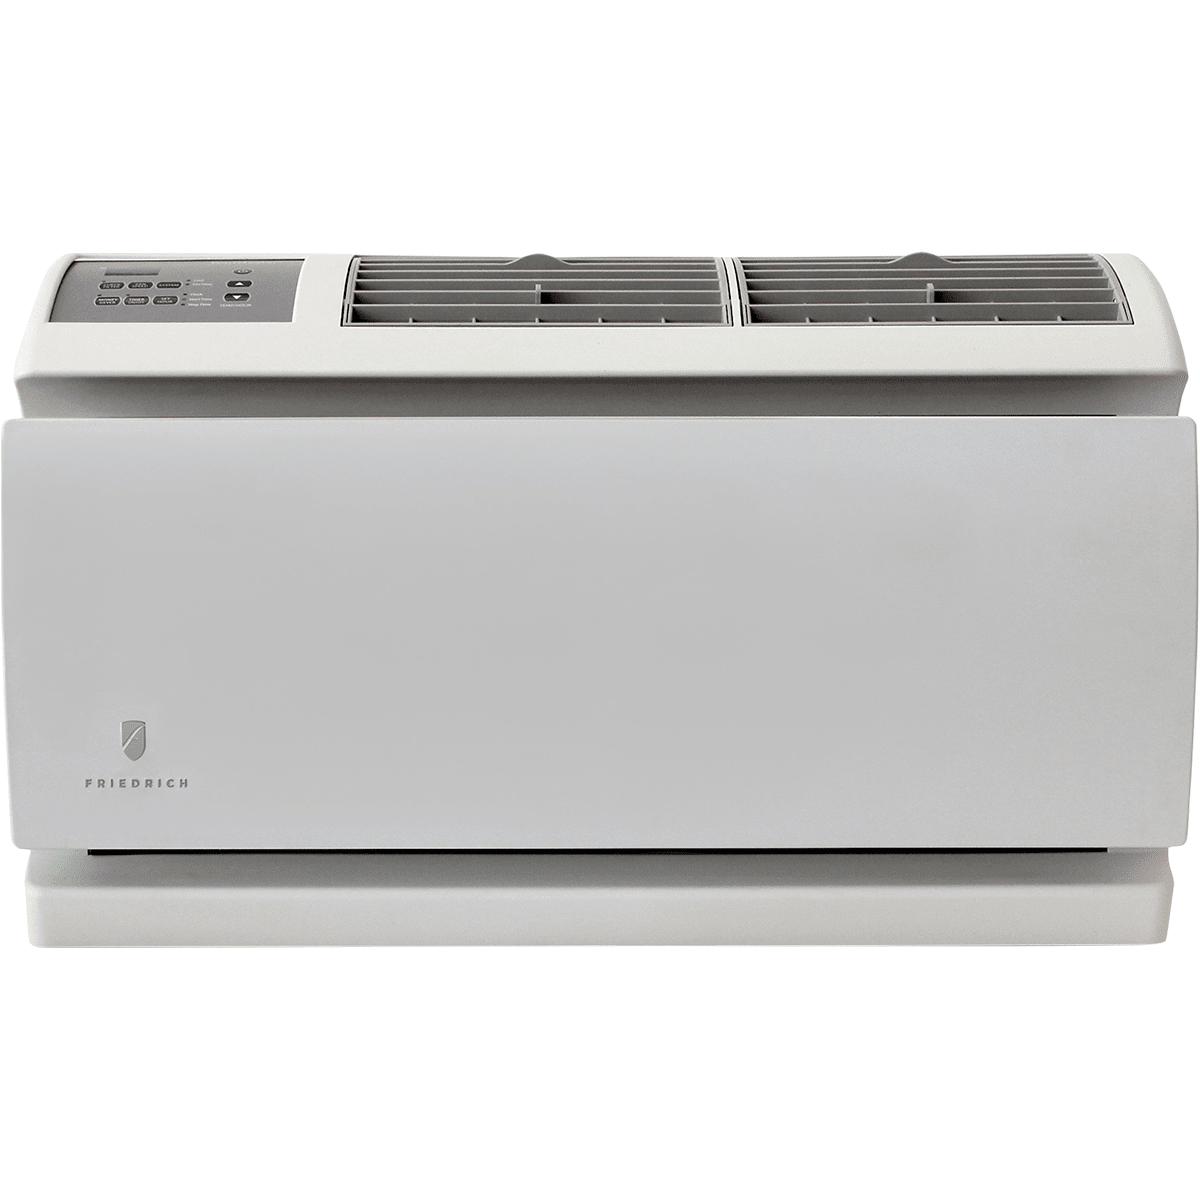 Friedrich Wallmaster 10,000 BTU AC with Electric Heat WE10D33